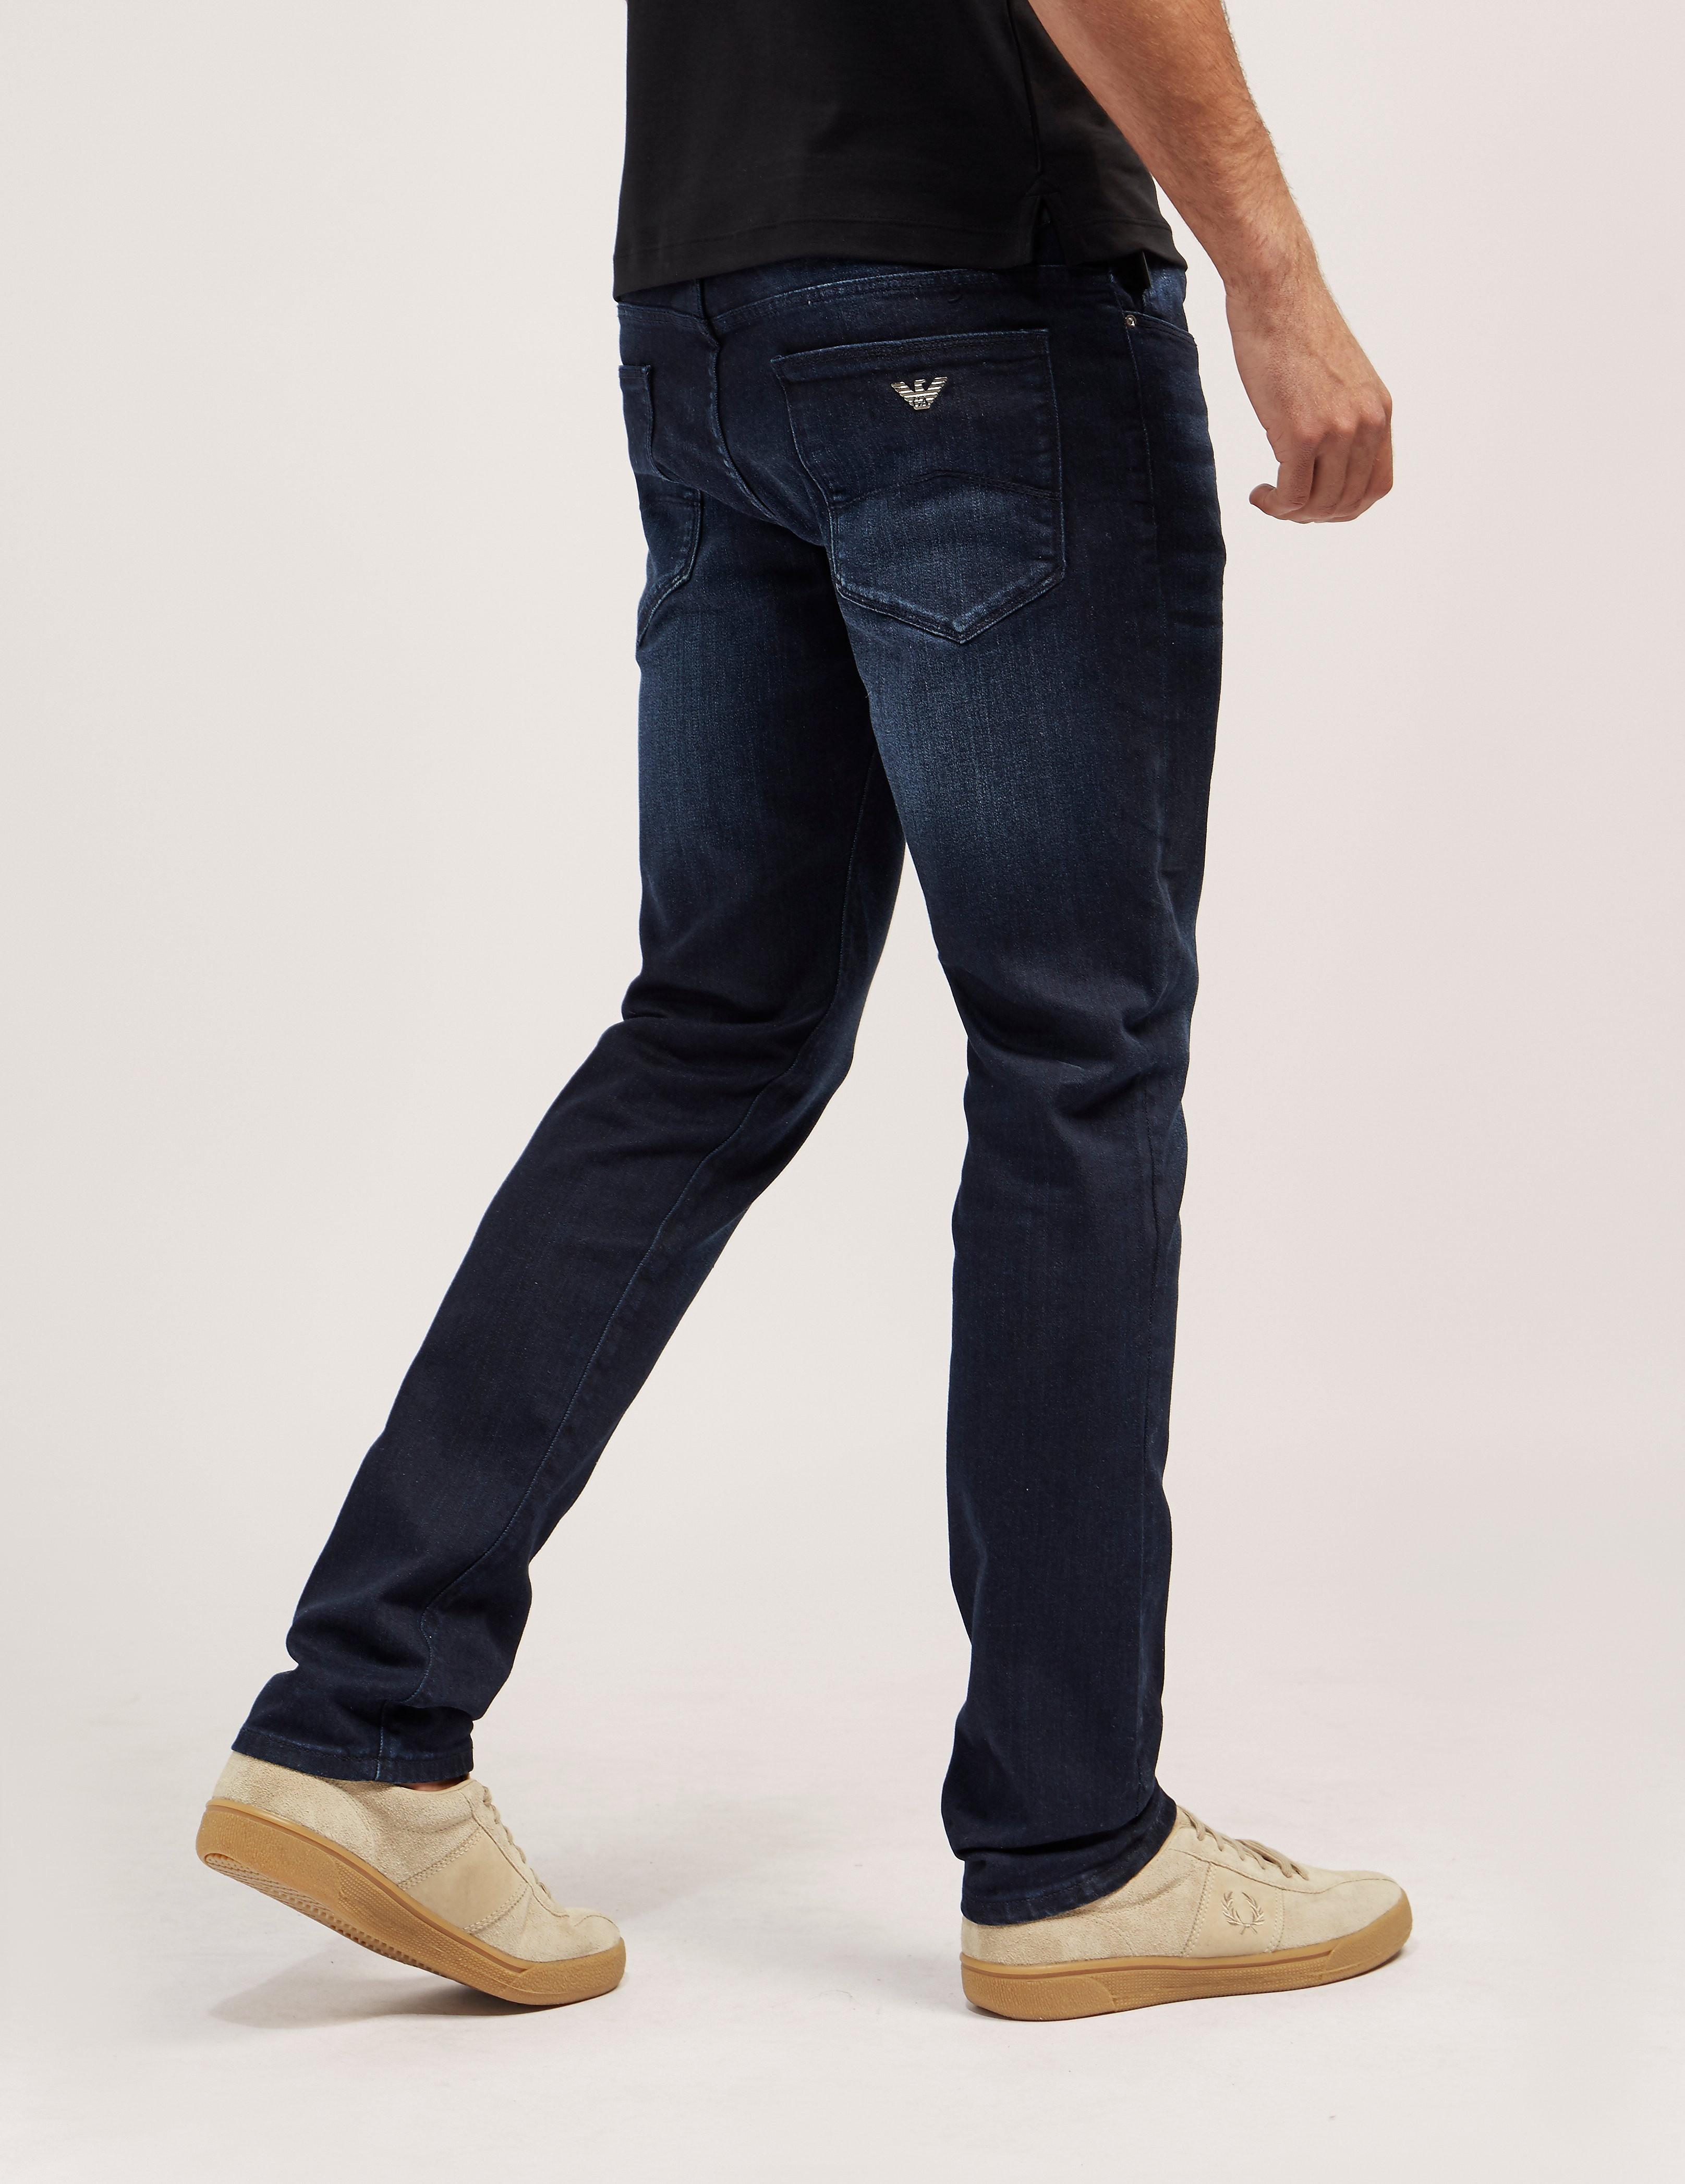 Armani Jeans J06 Dark Wash Jeans